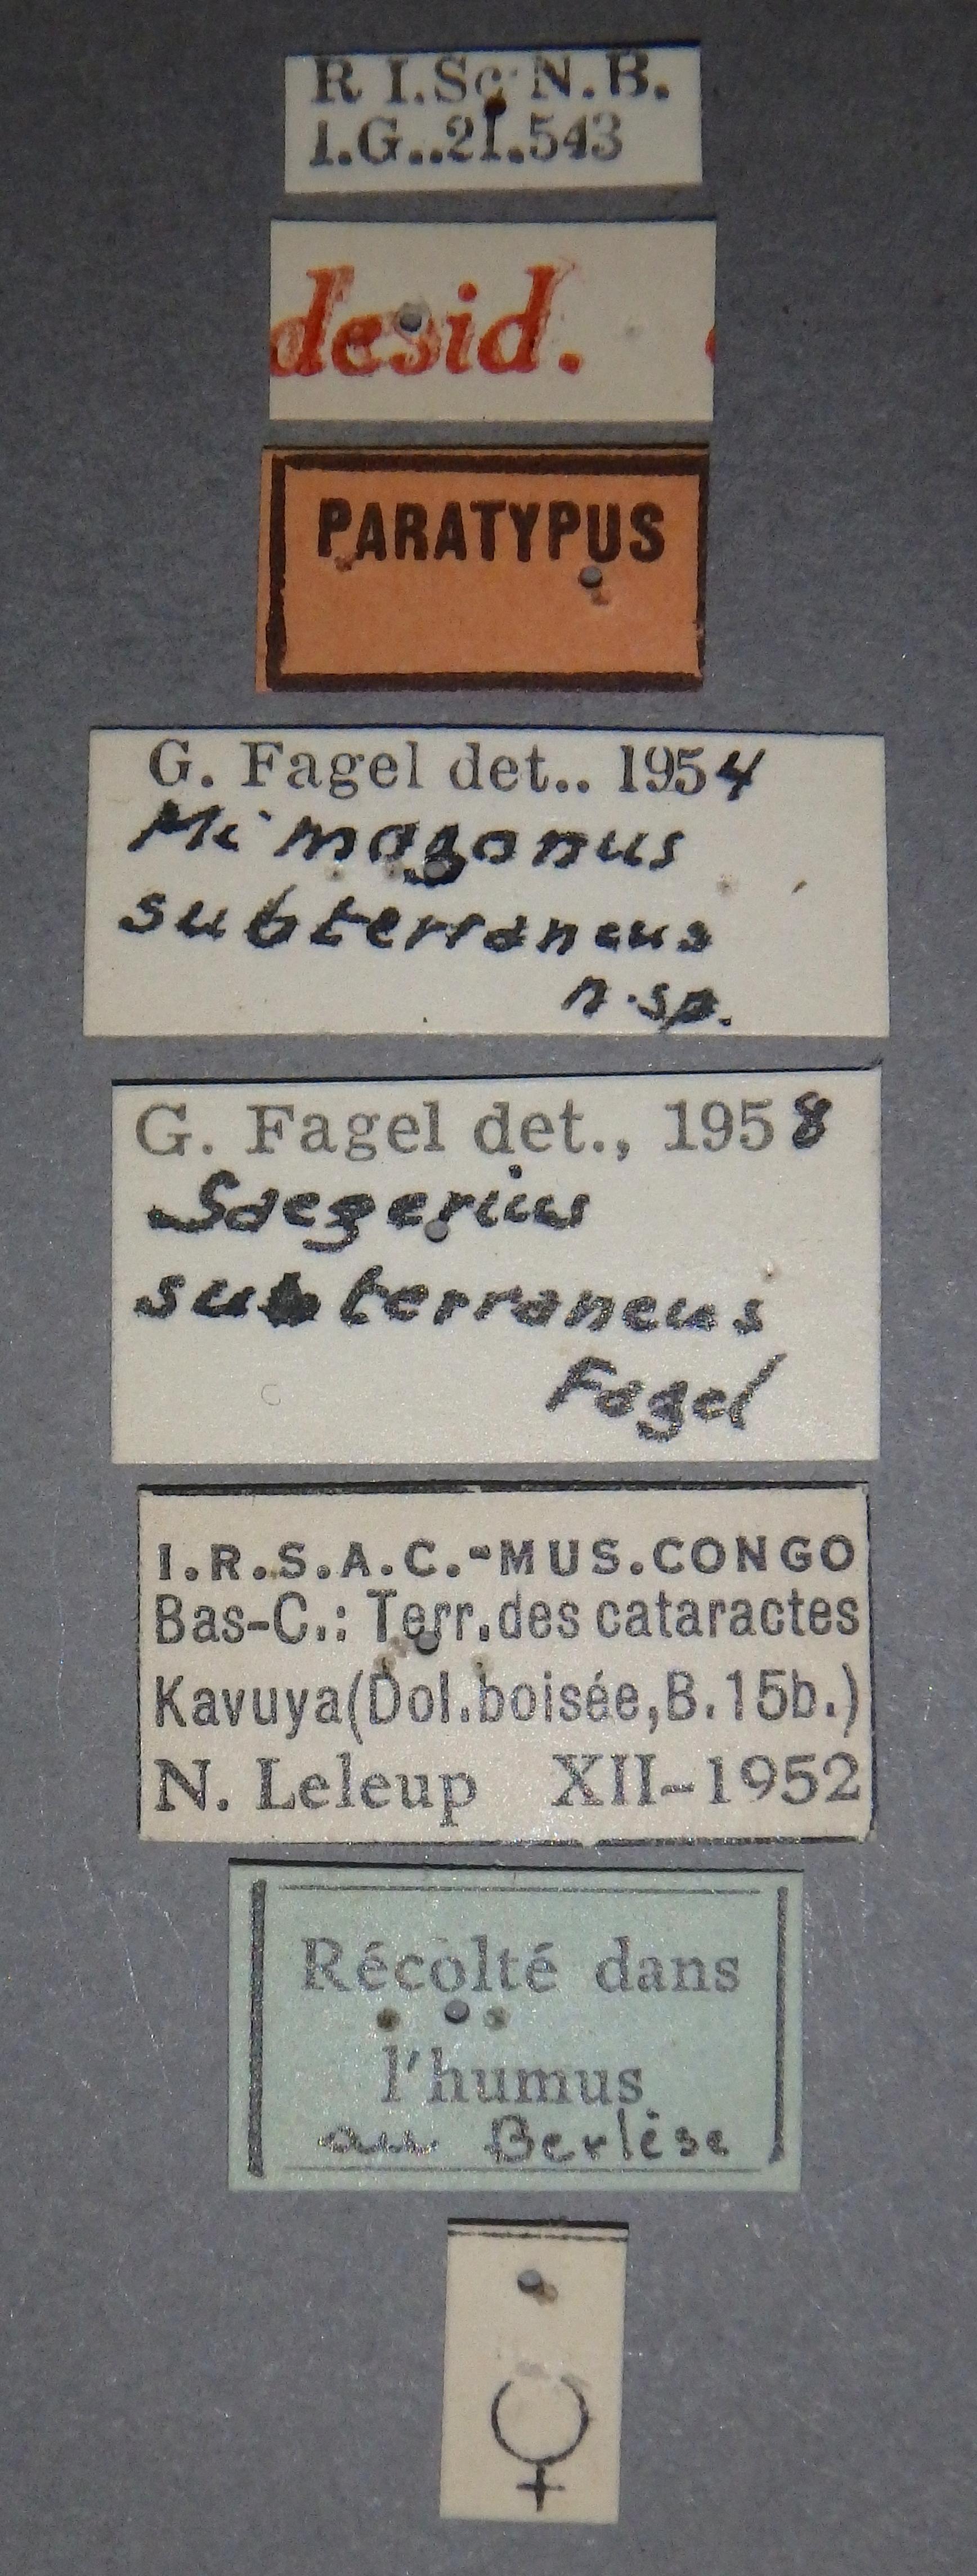 Mimogonus subterraneus pt Lb.JPG